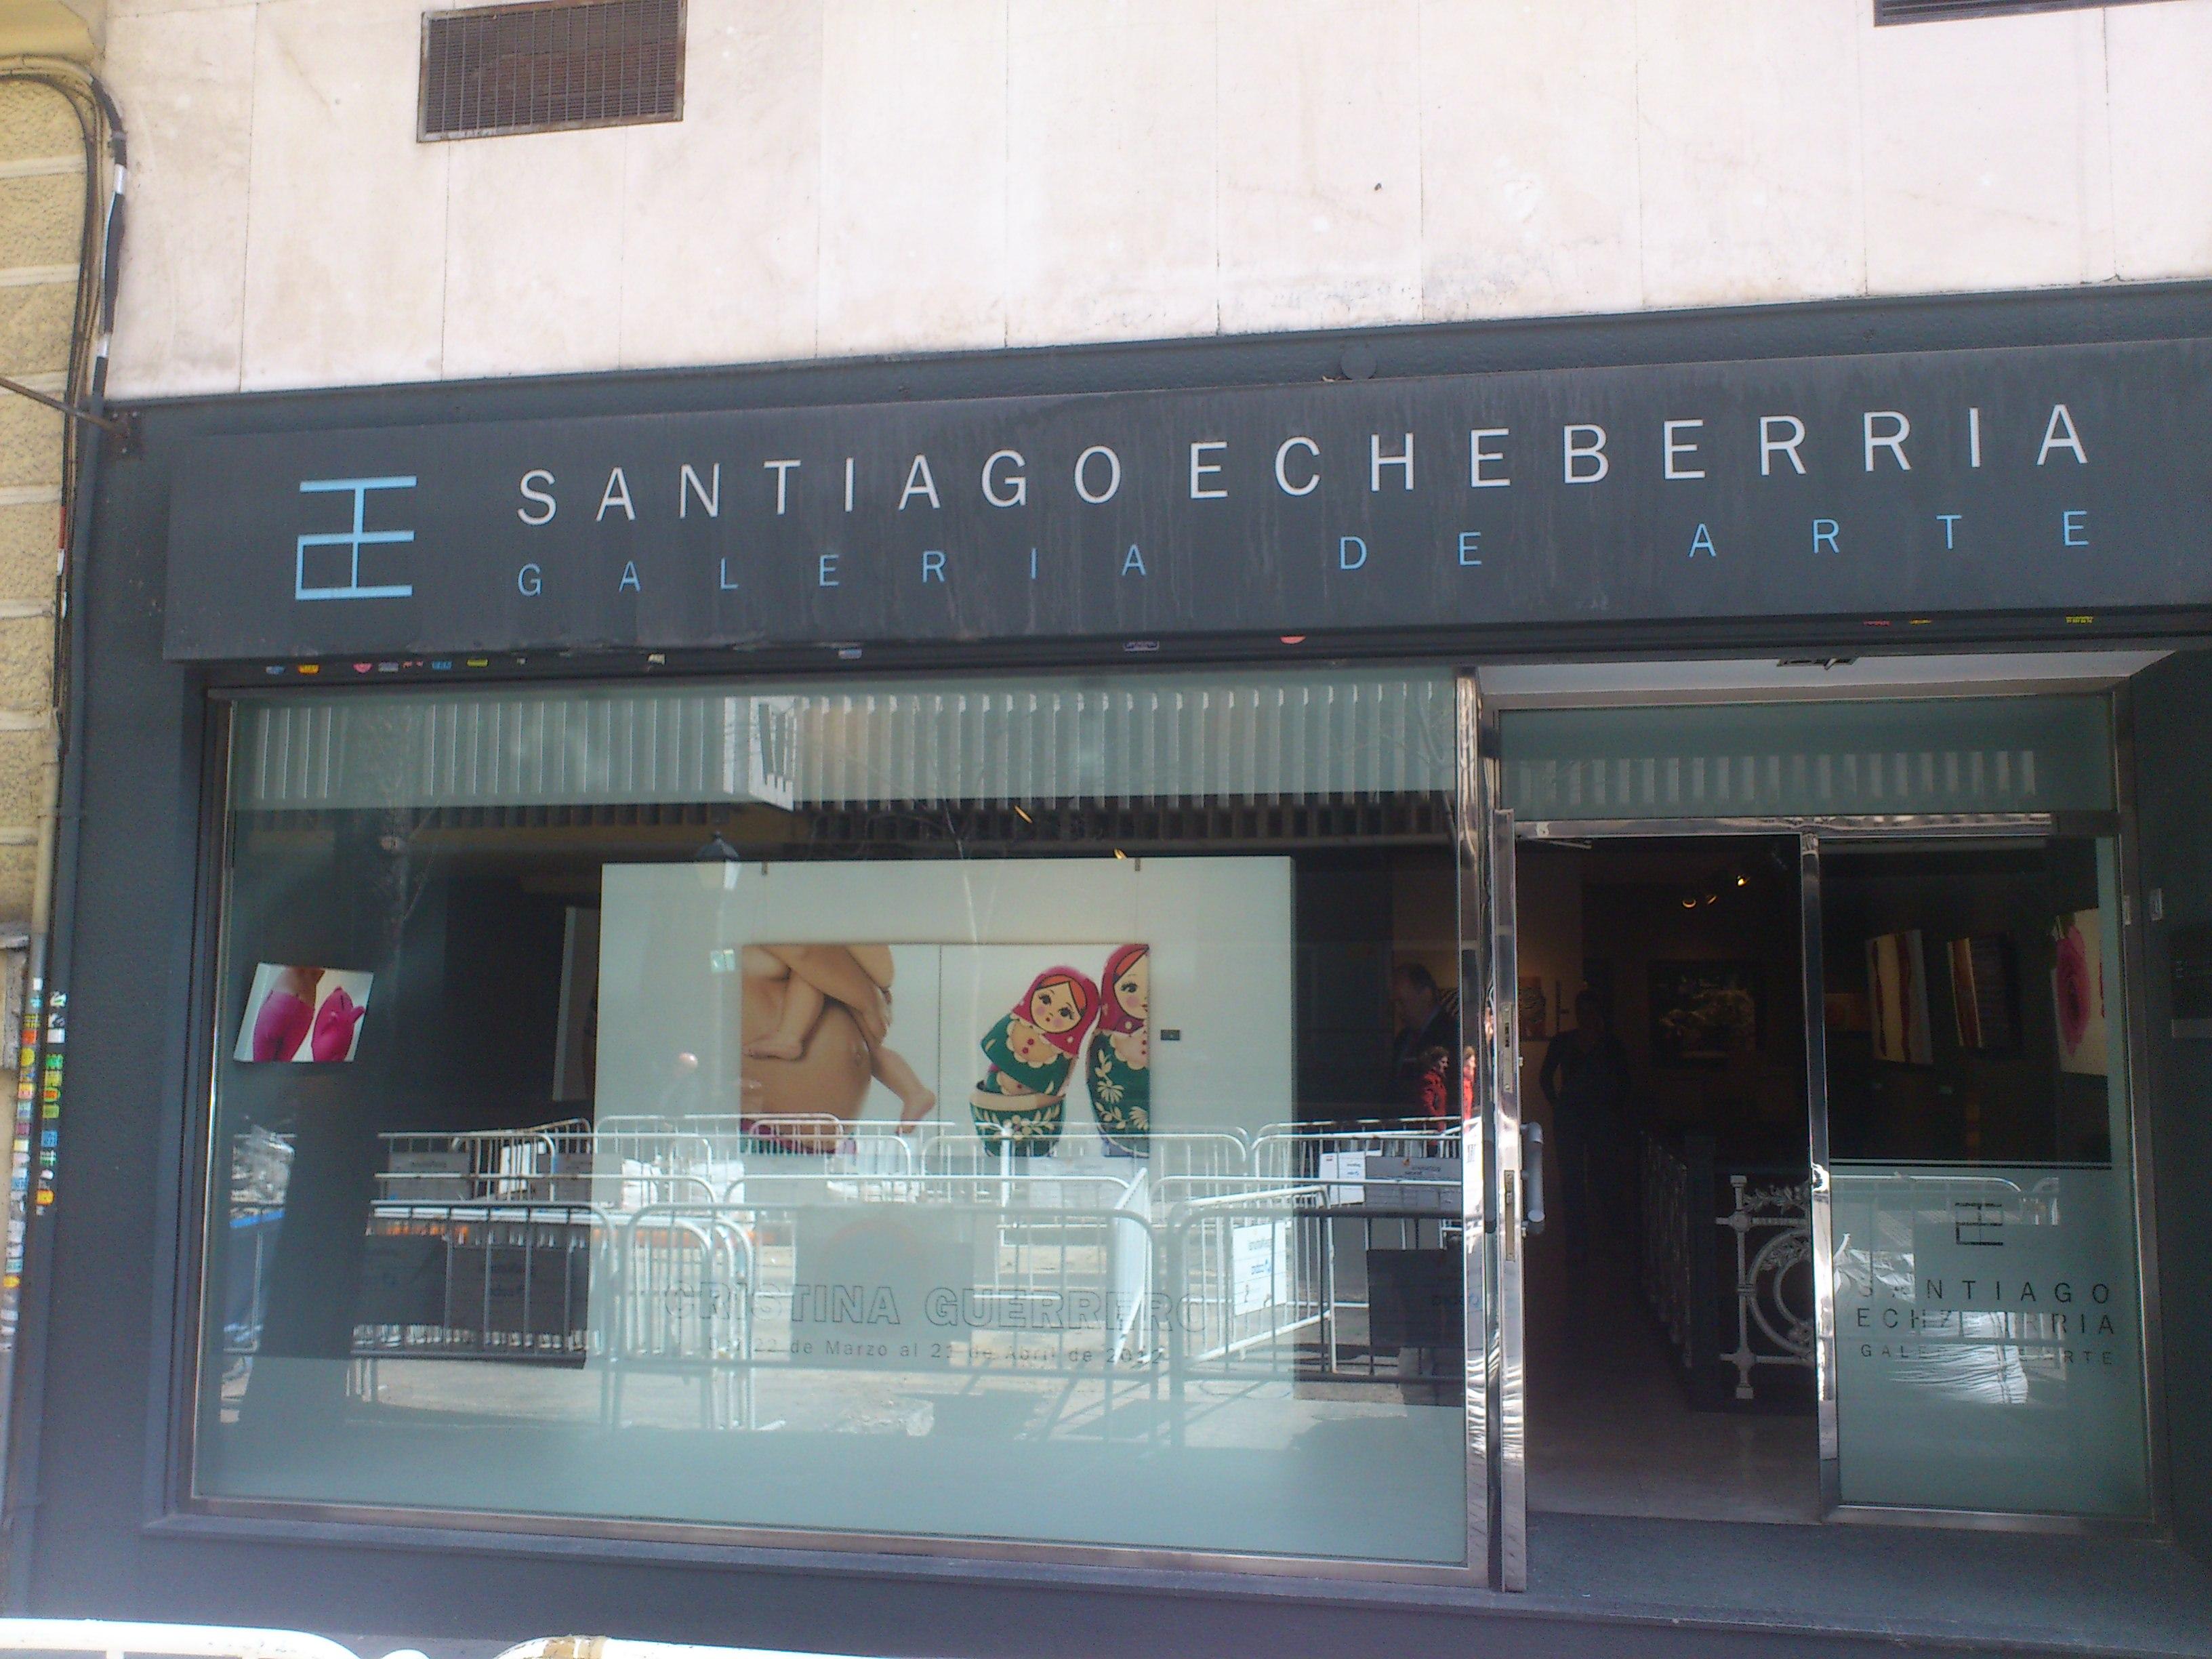 Santiago Echeberria G, Madrid 2012